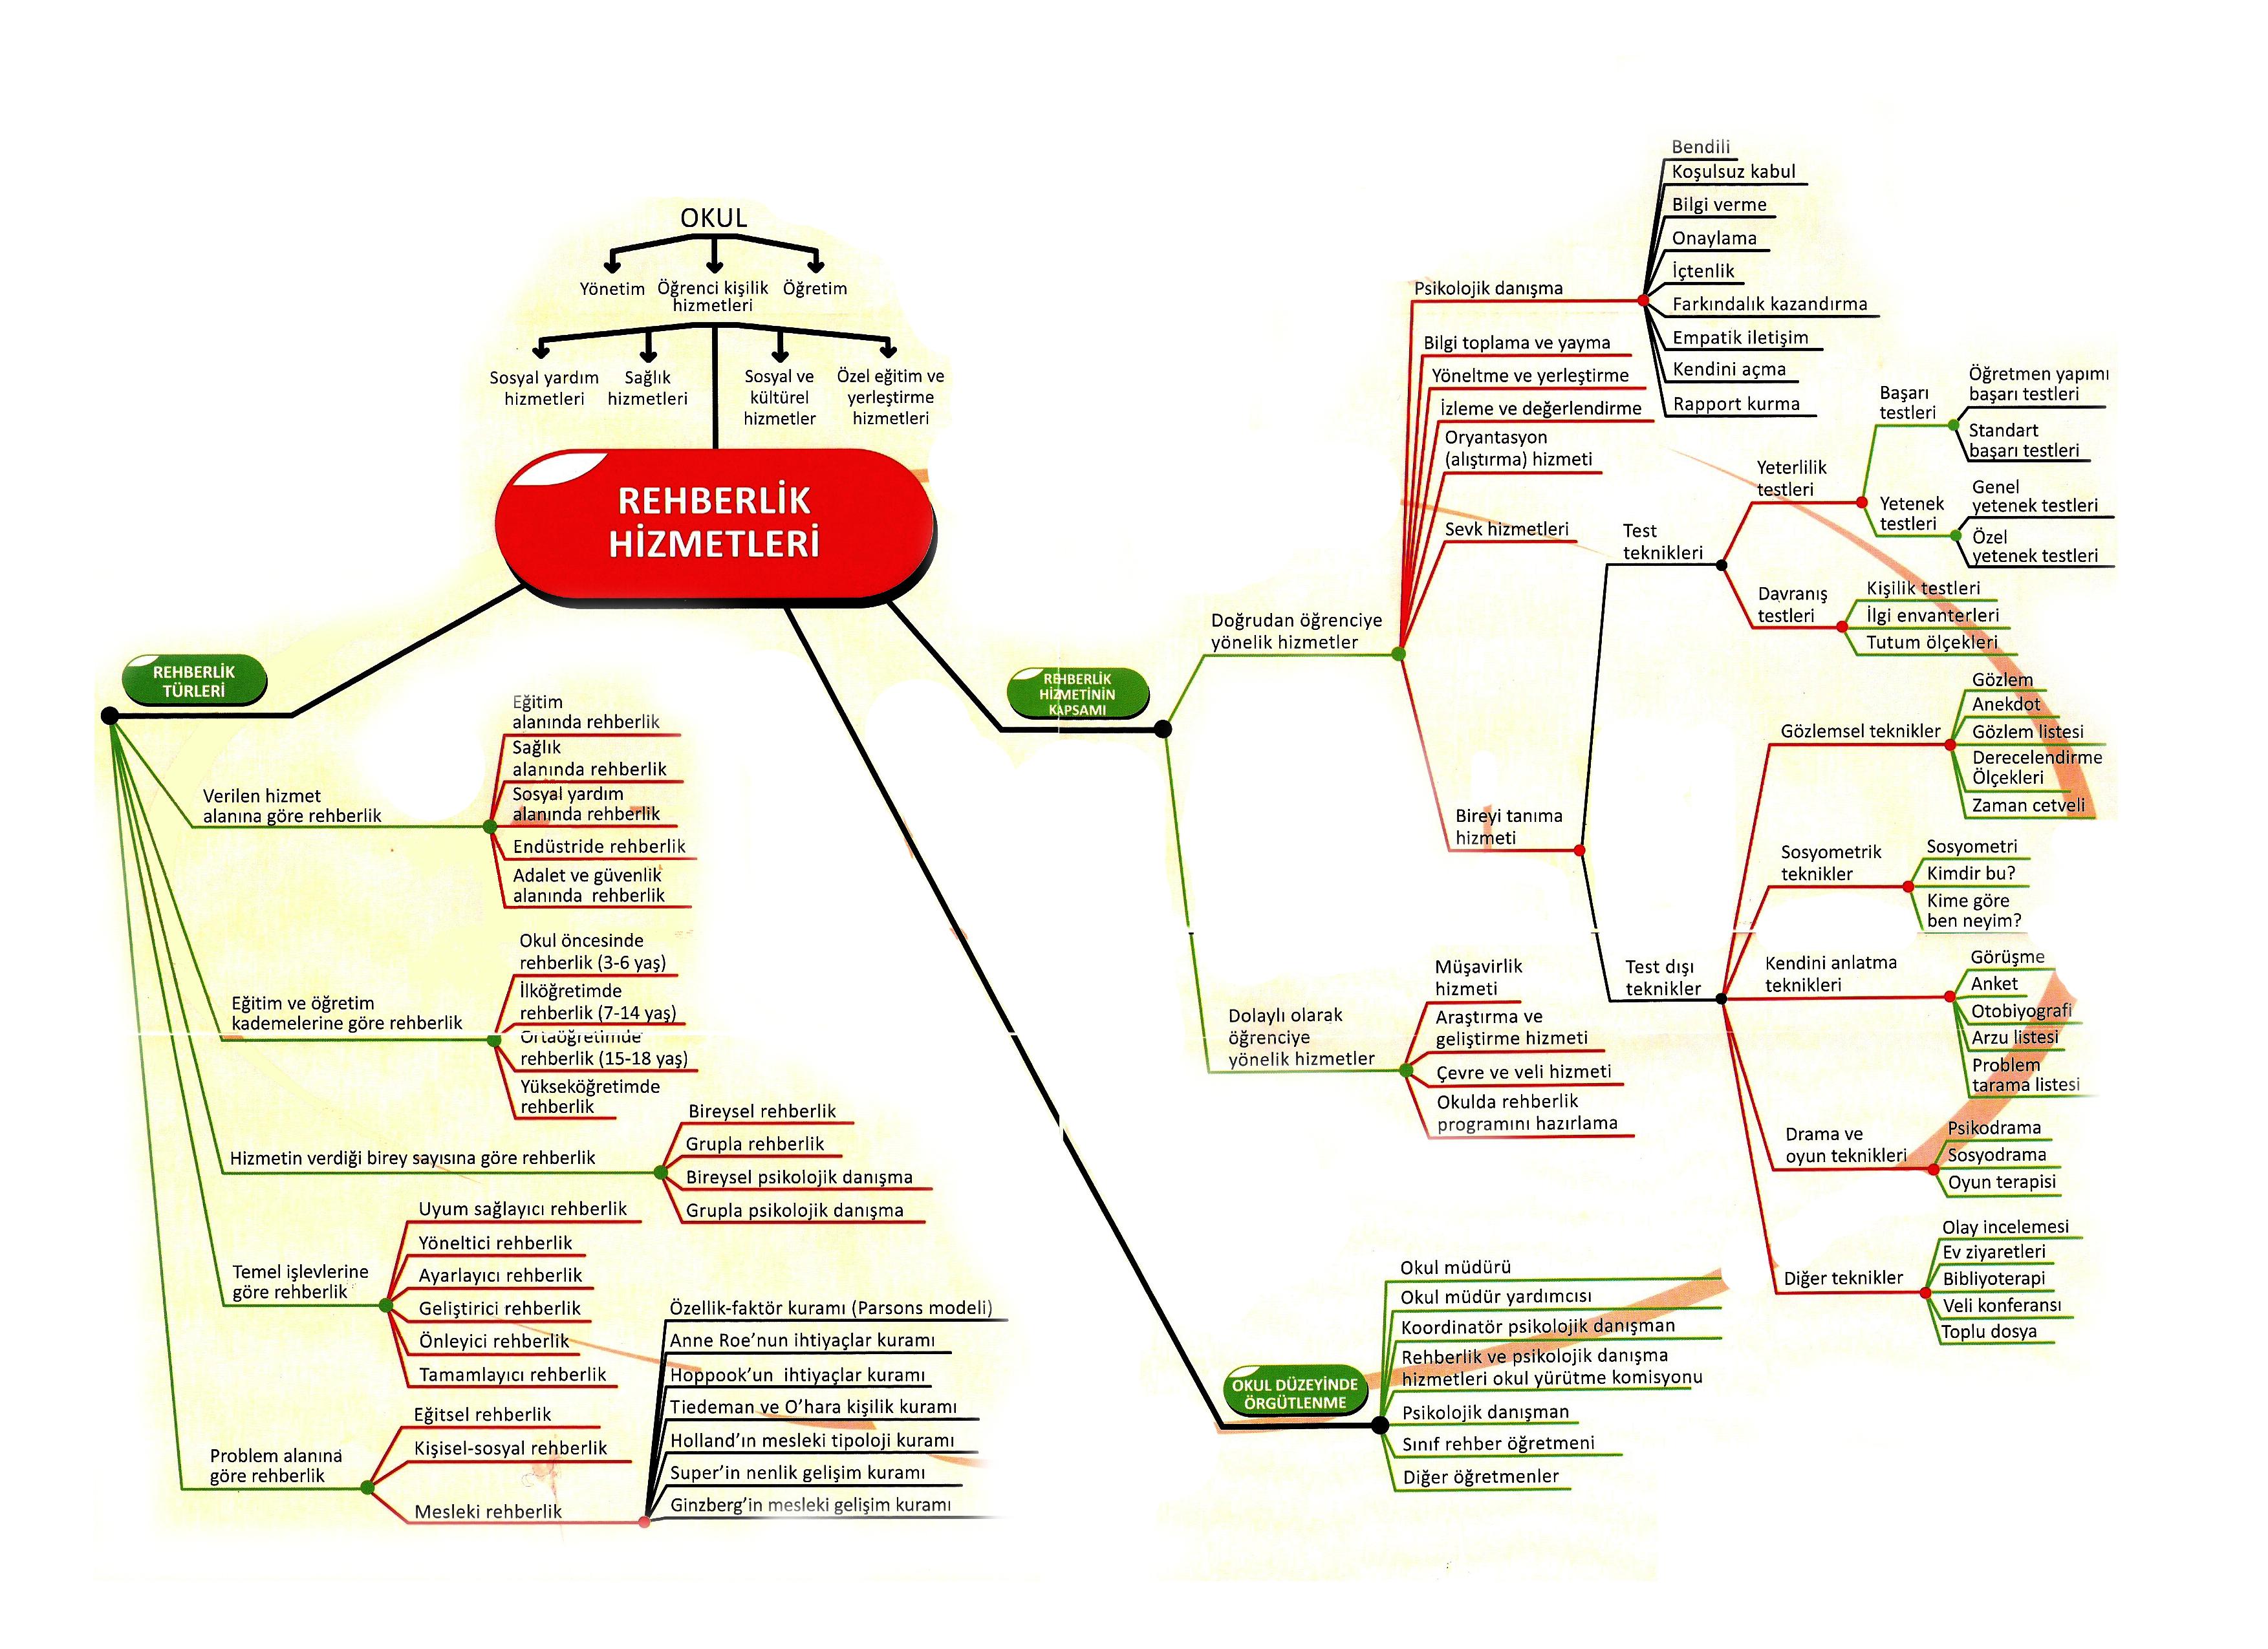 Previous çağdaş türk ve dünya tarihi 2014 – özet 4